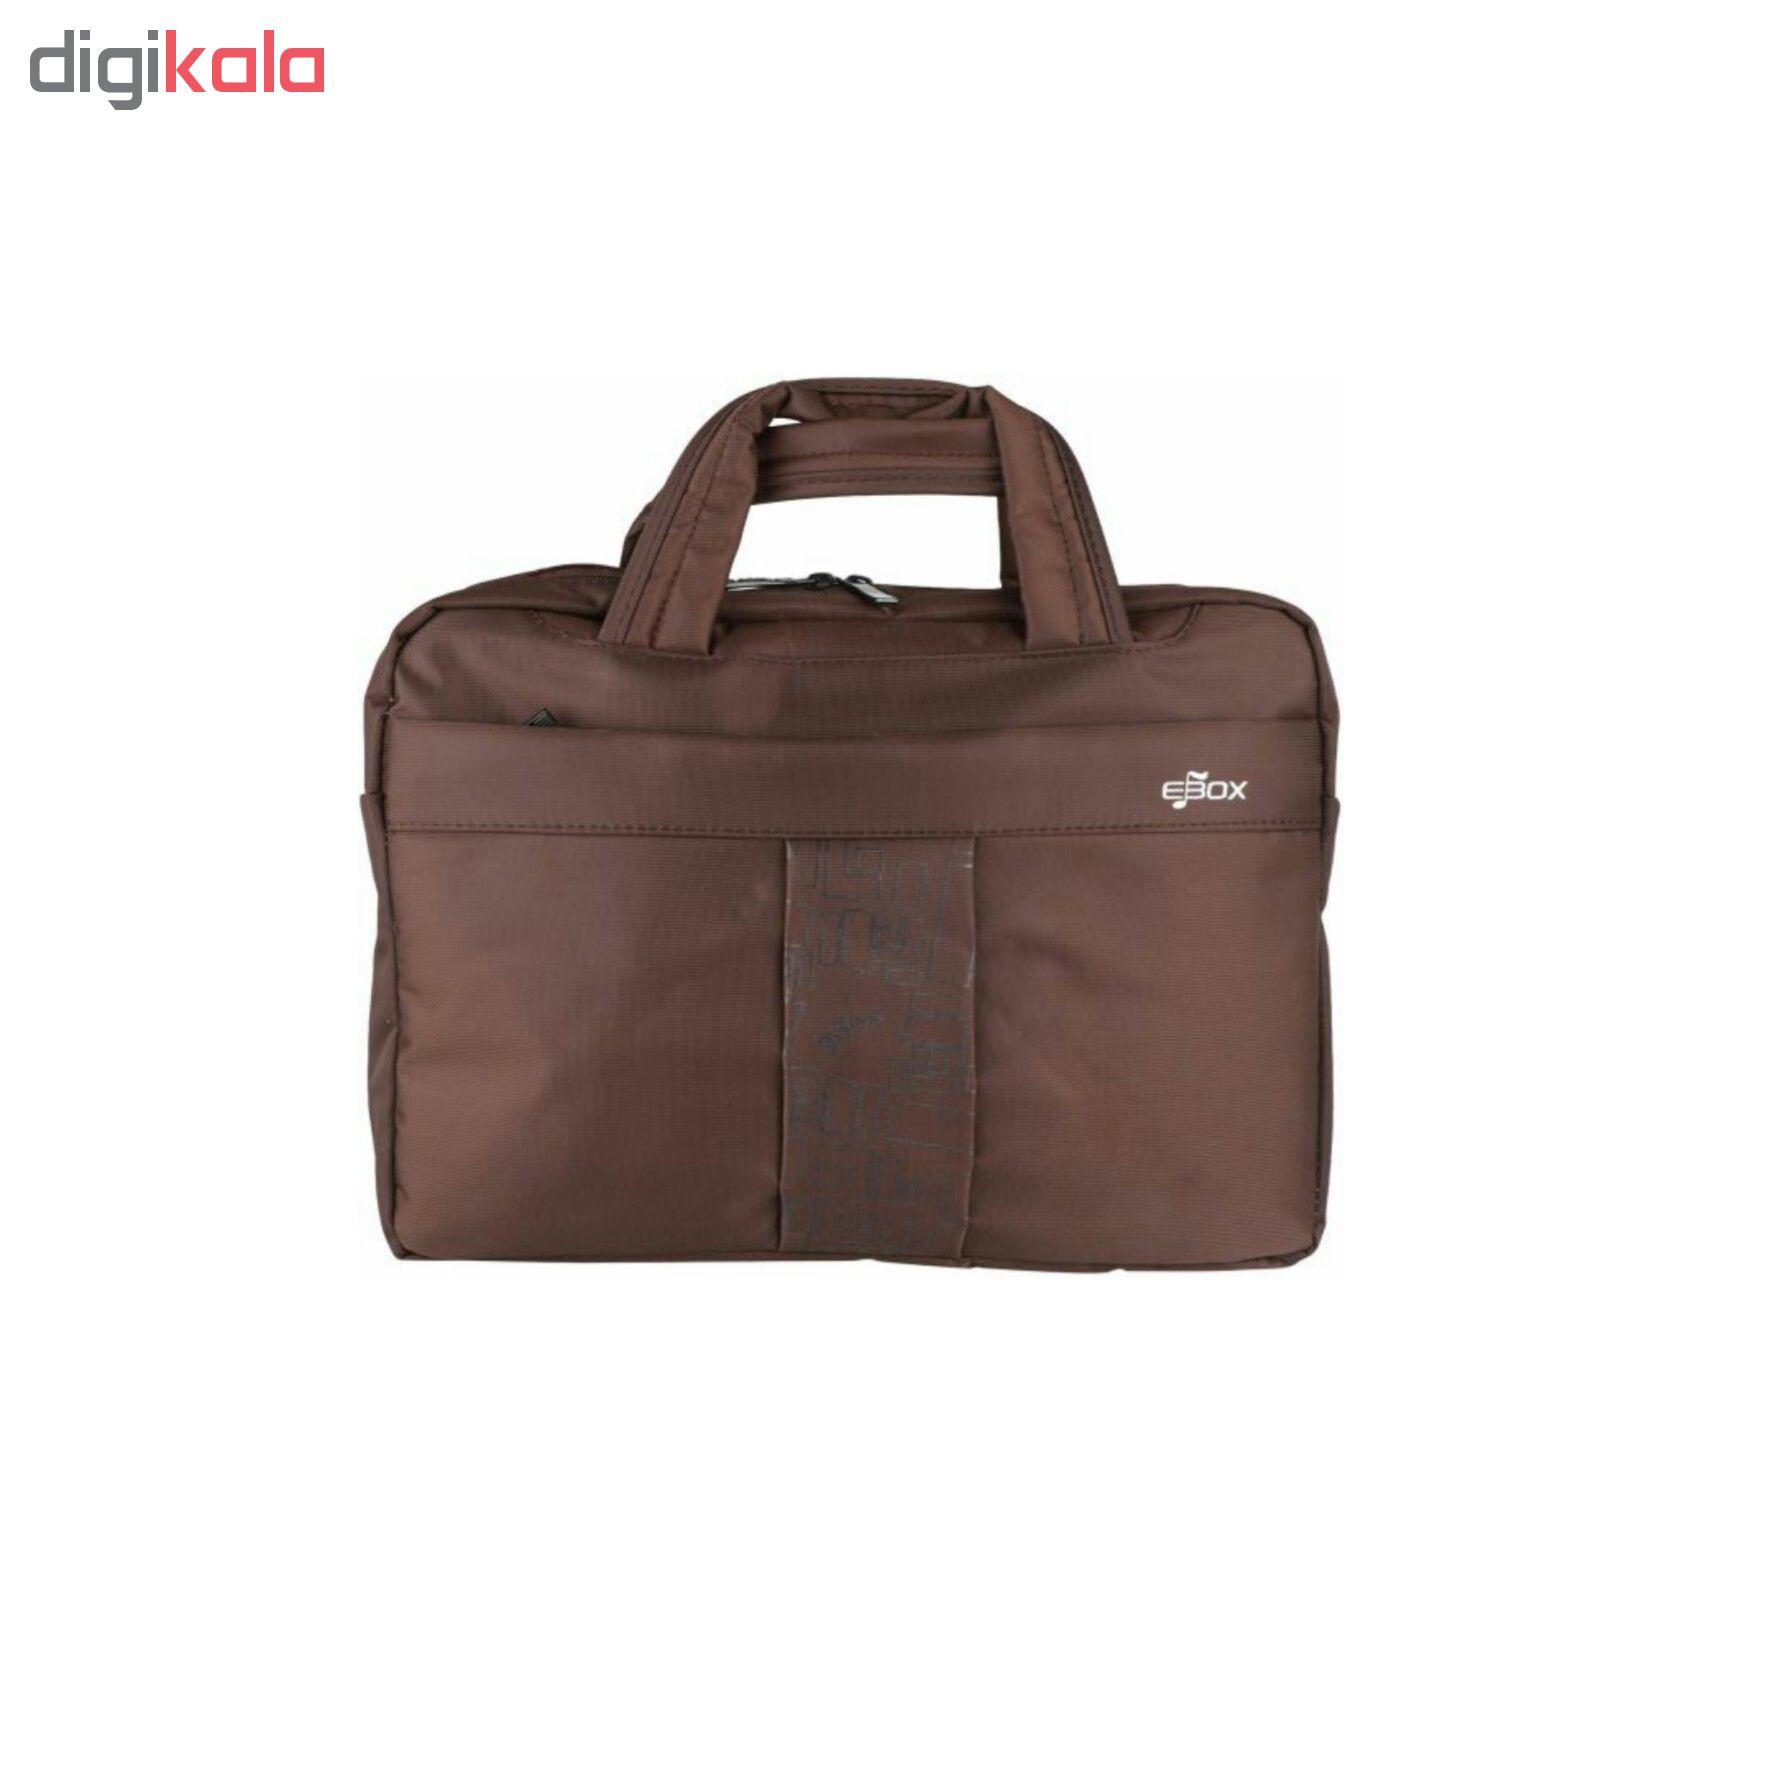 کیف لپ تاپ ای باکس مدل 1010 مناسب برای لپ تاپ 16 اینچی